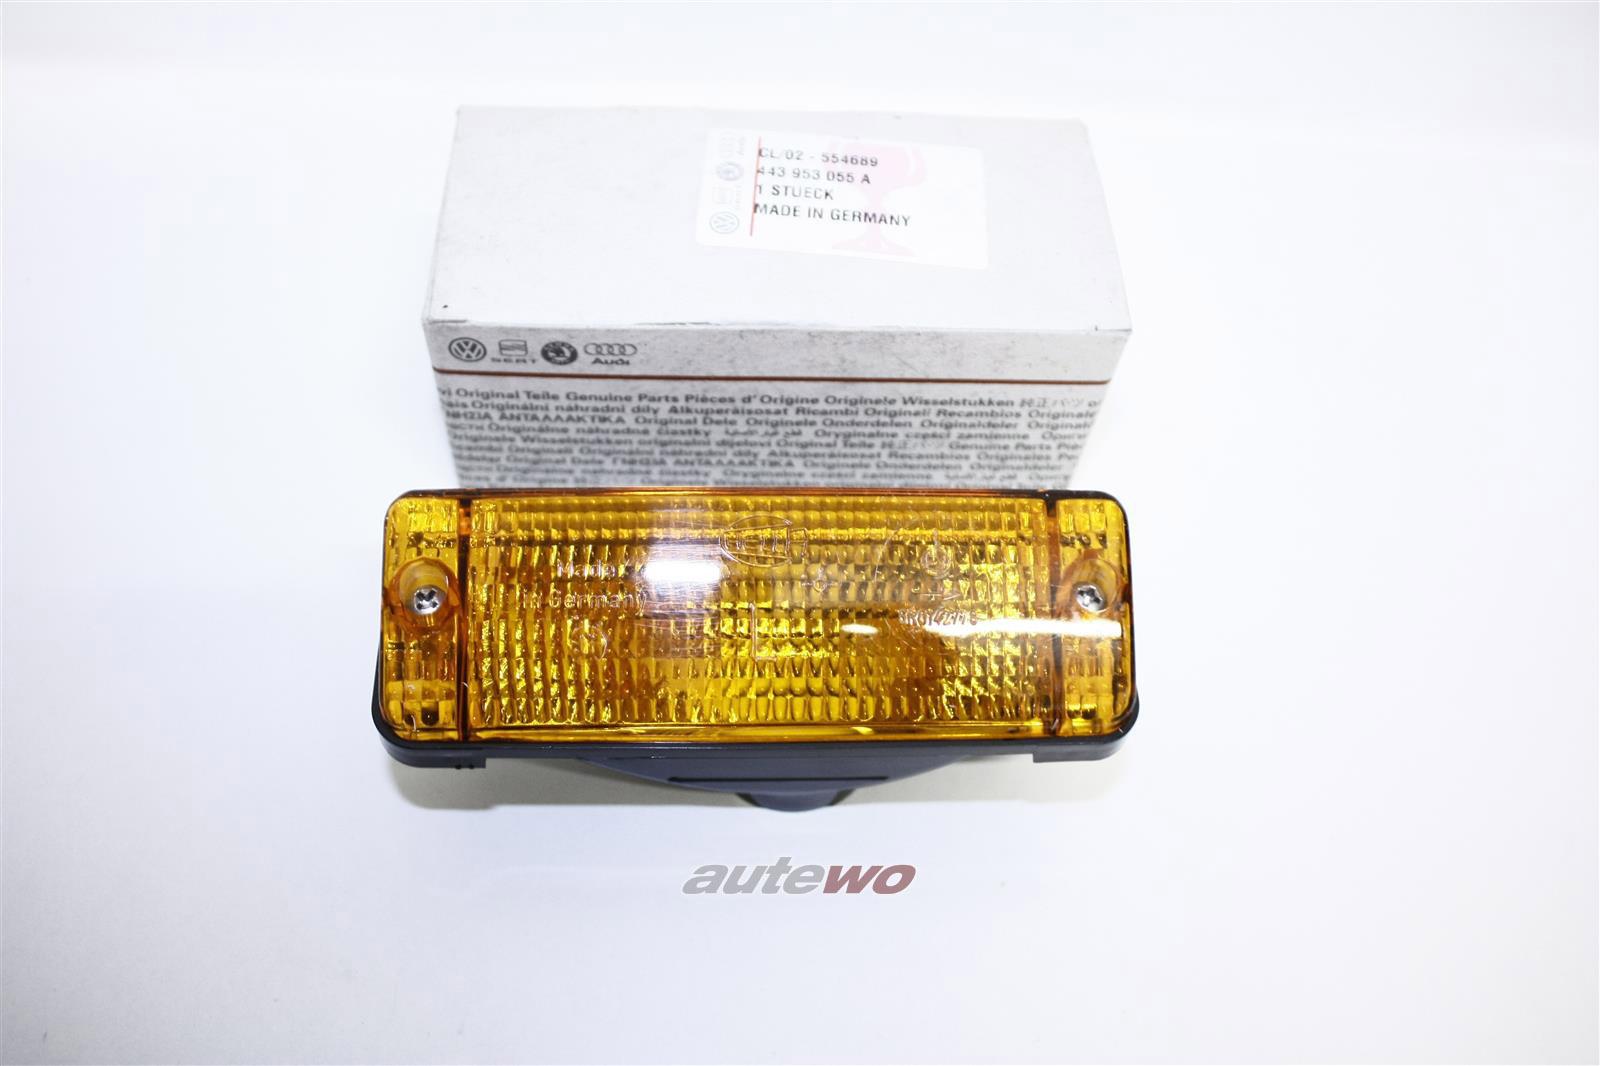 NEU! Audi 200 20V Typ 44 Orig. Blinker Vorne Li. orange 443953055A